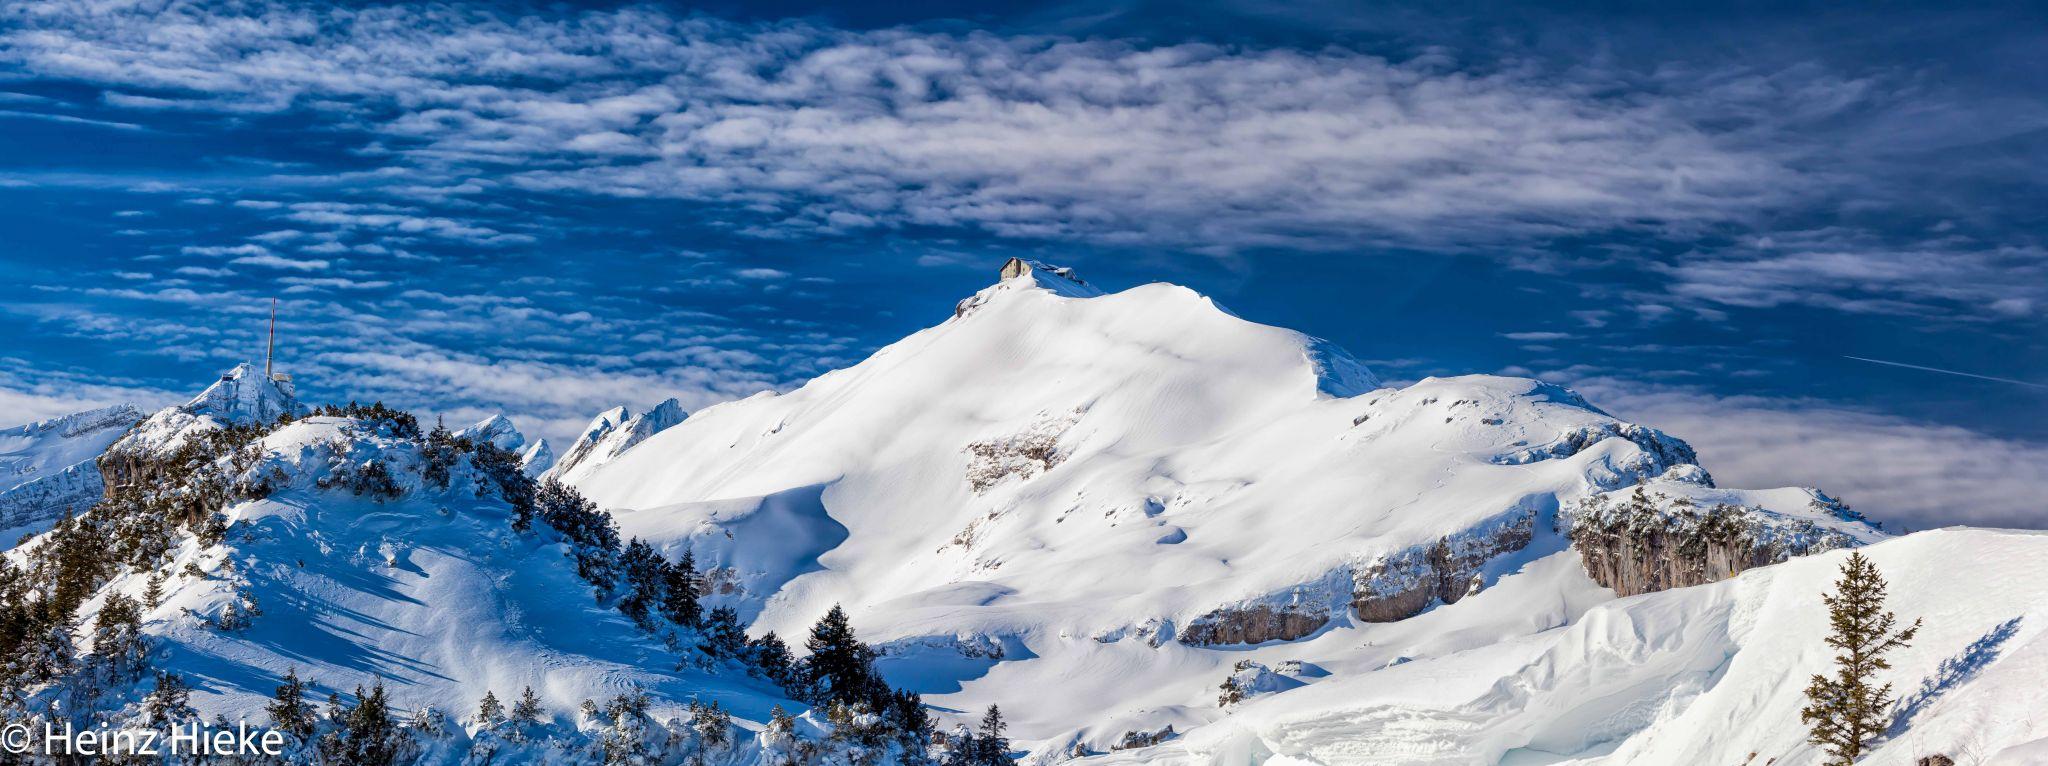 Schäfler, Switzerland